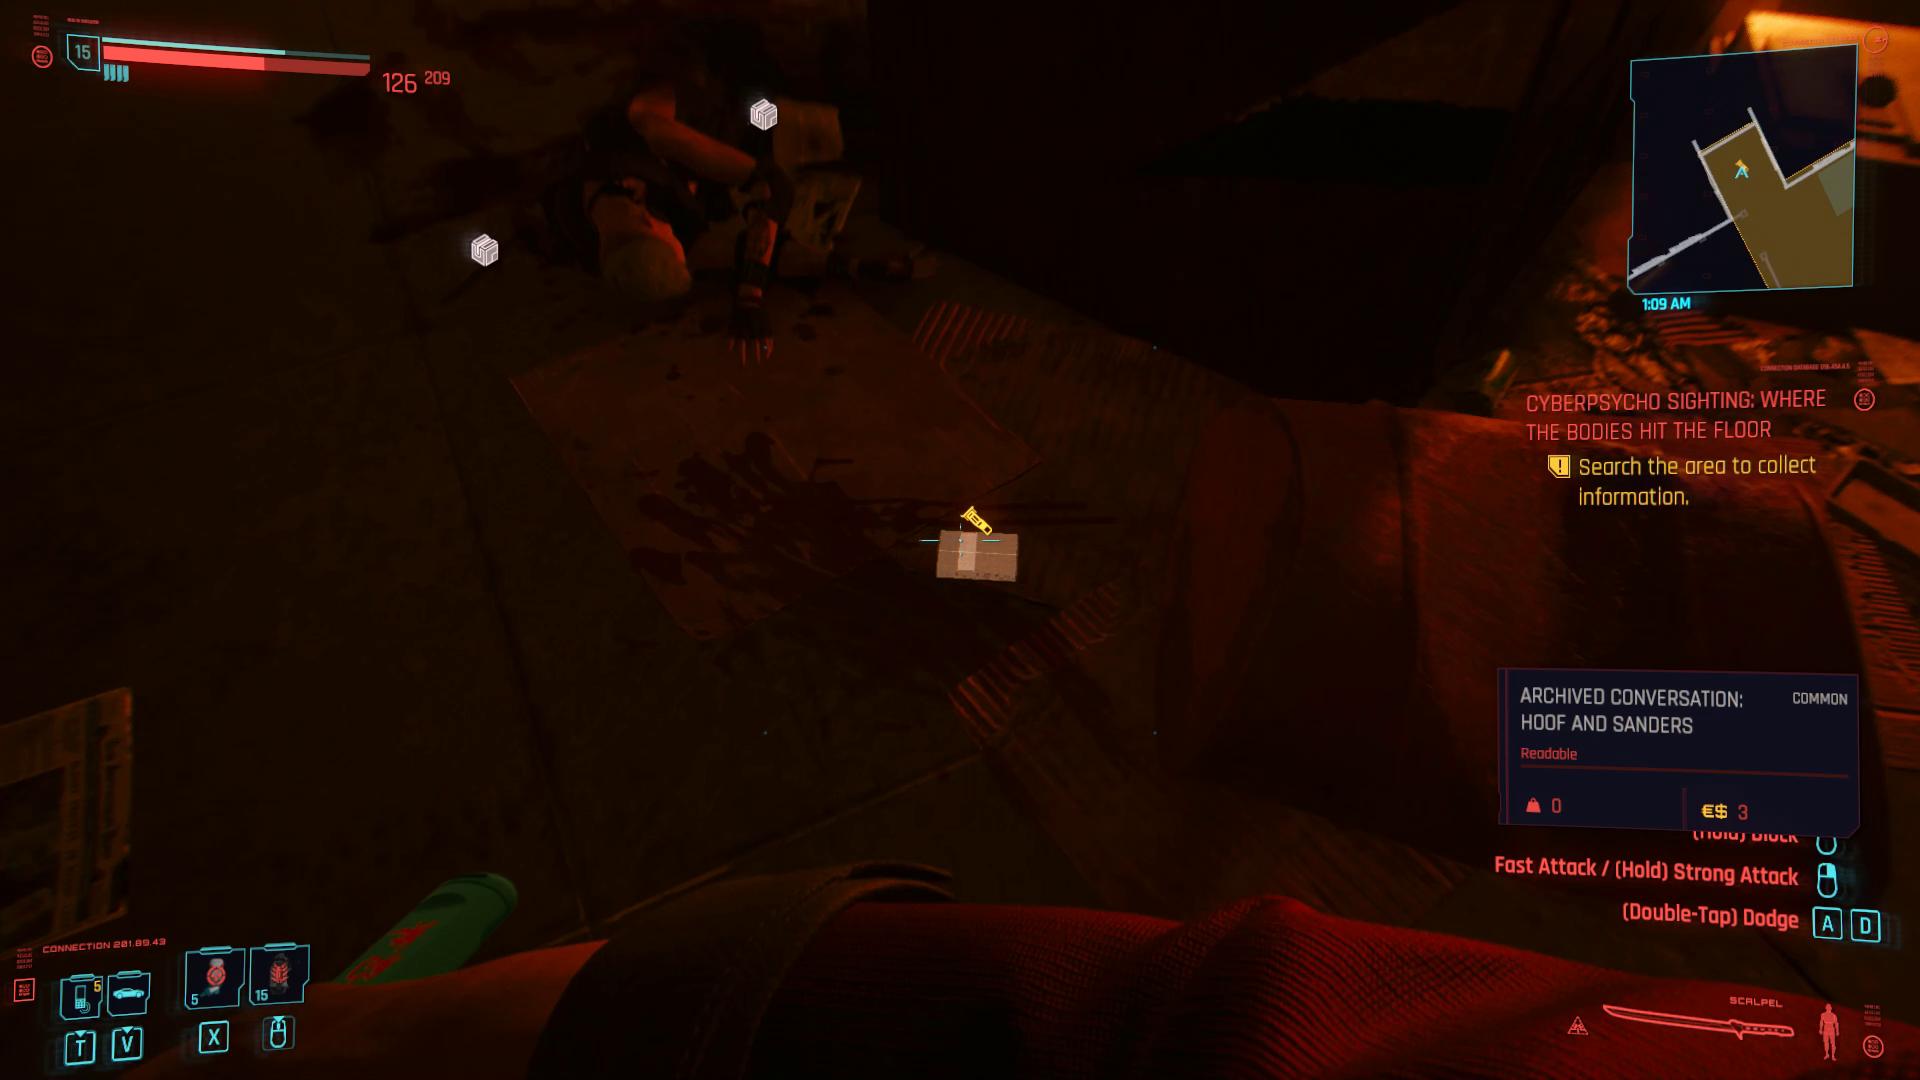 Cyberpsycho où les corps sur le sol 01